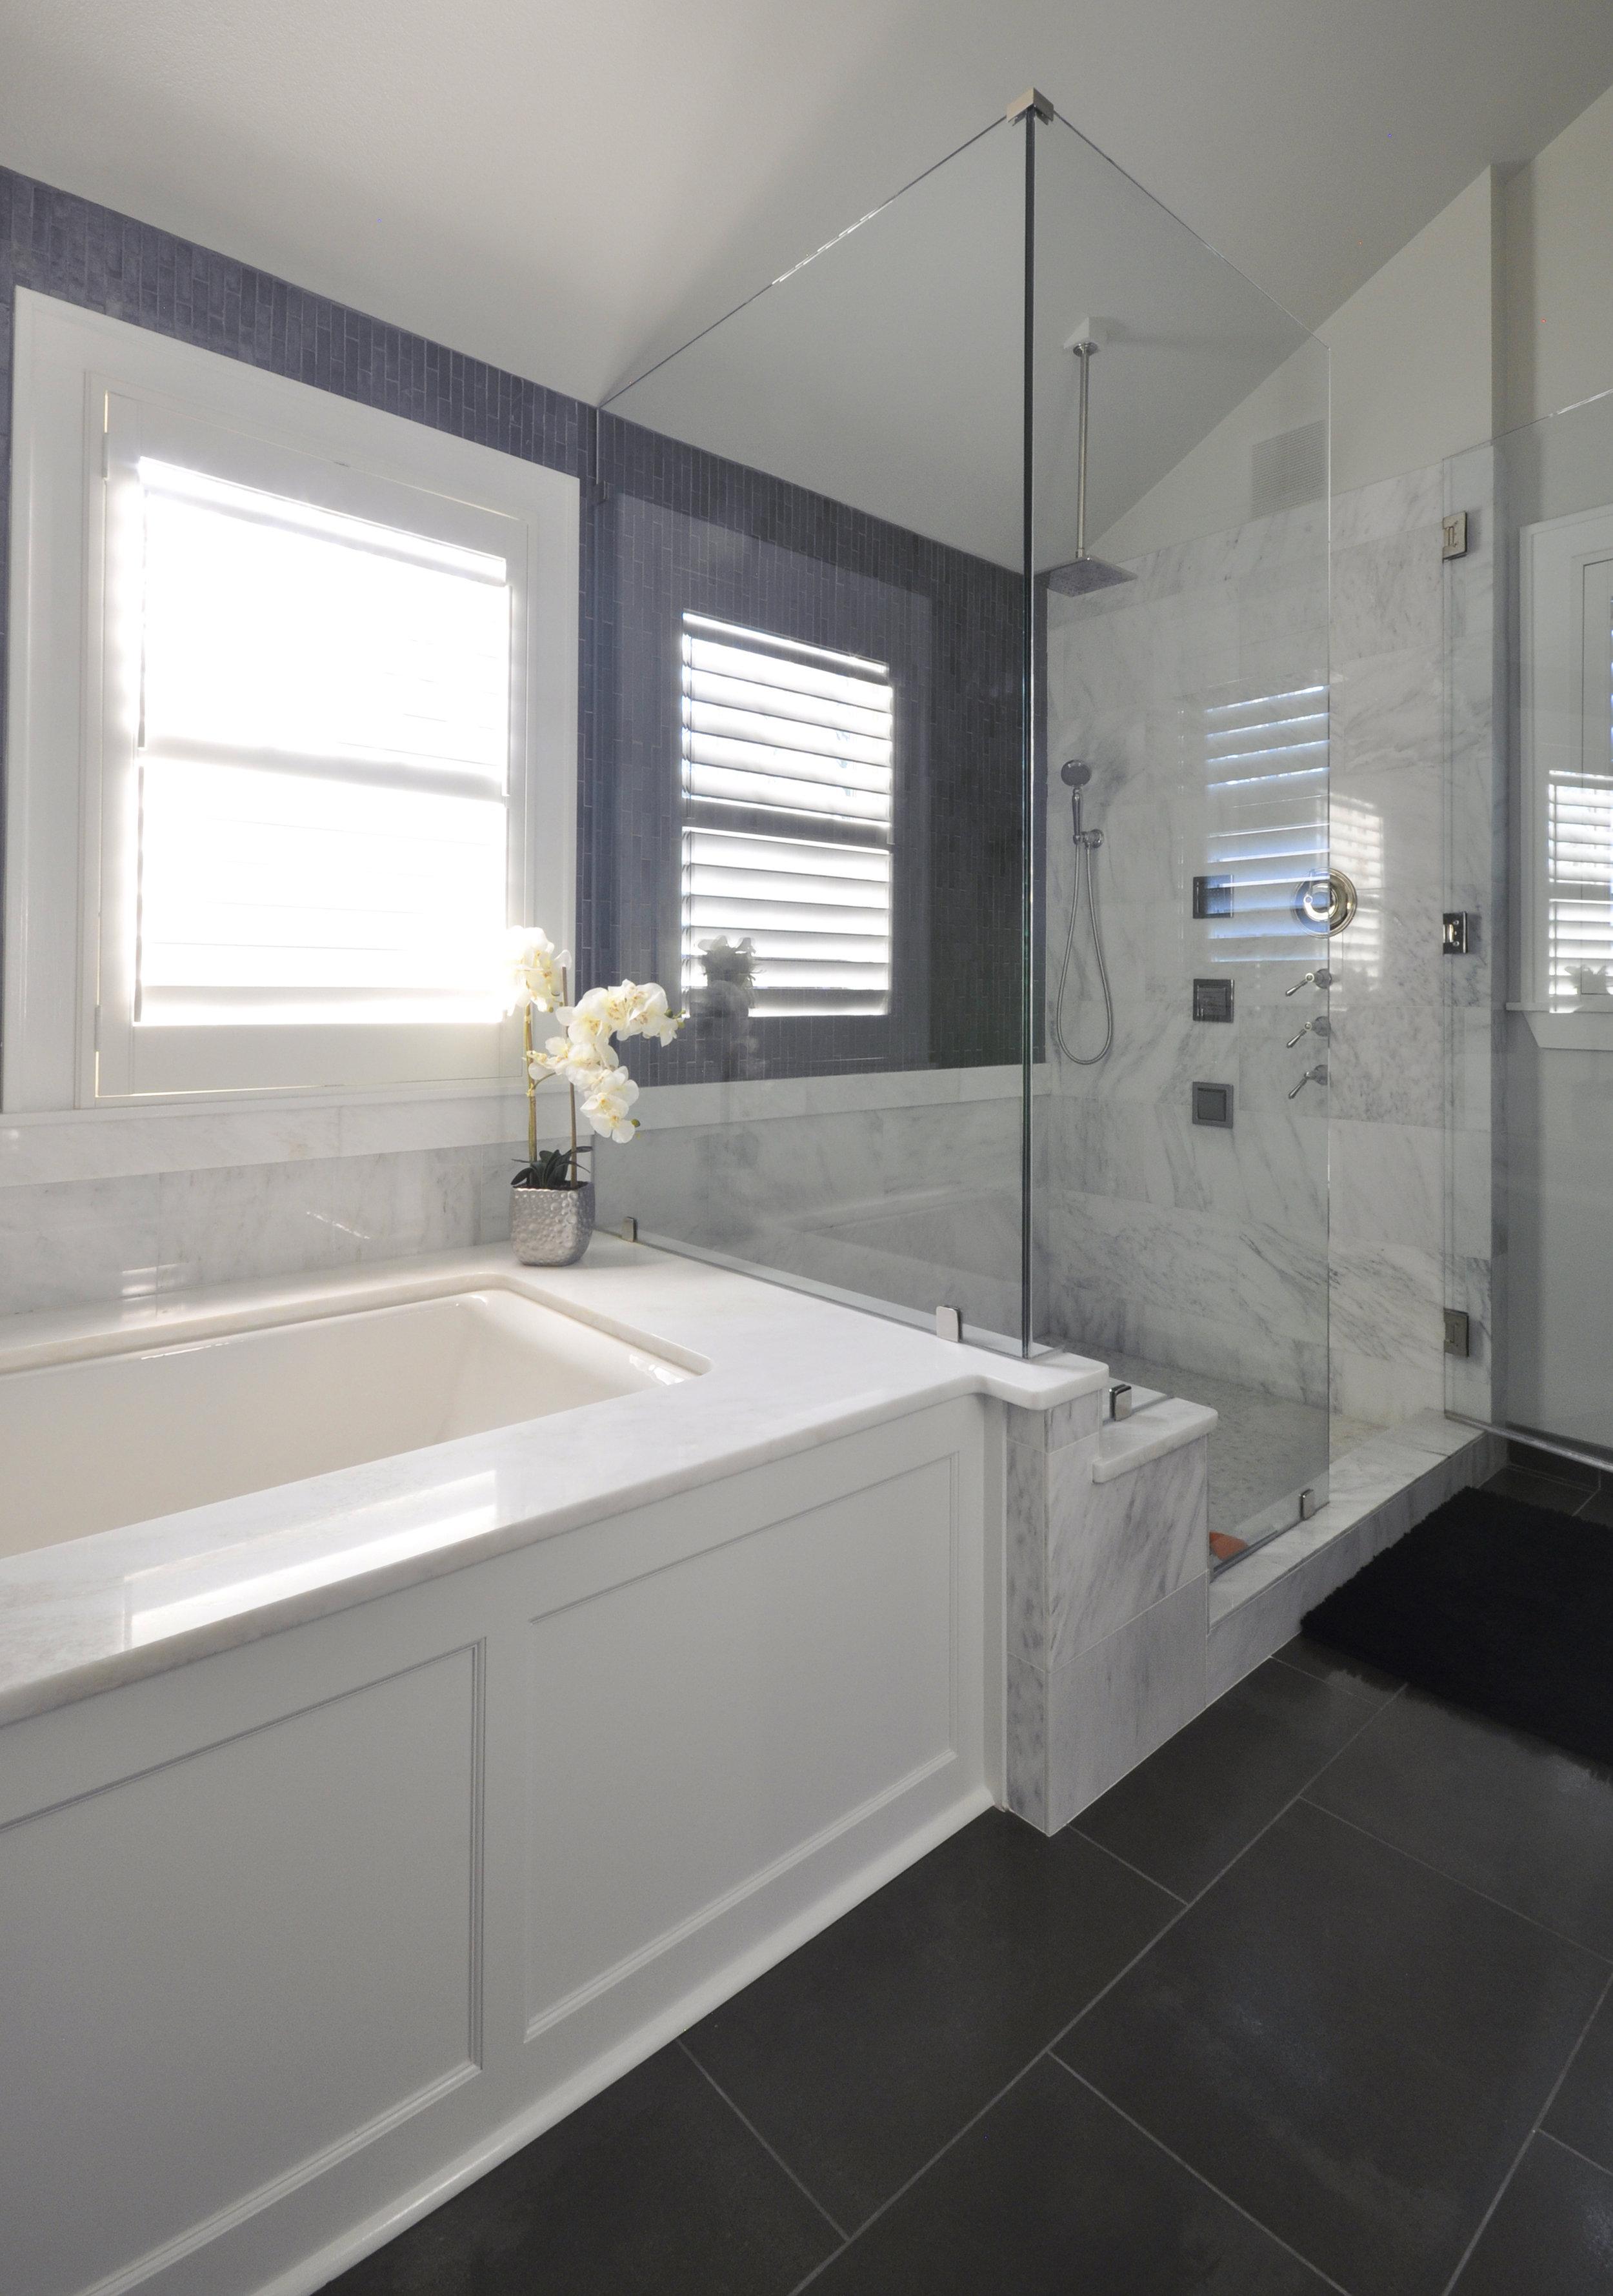 5 Bowden_bathroom.jpg